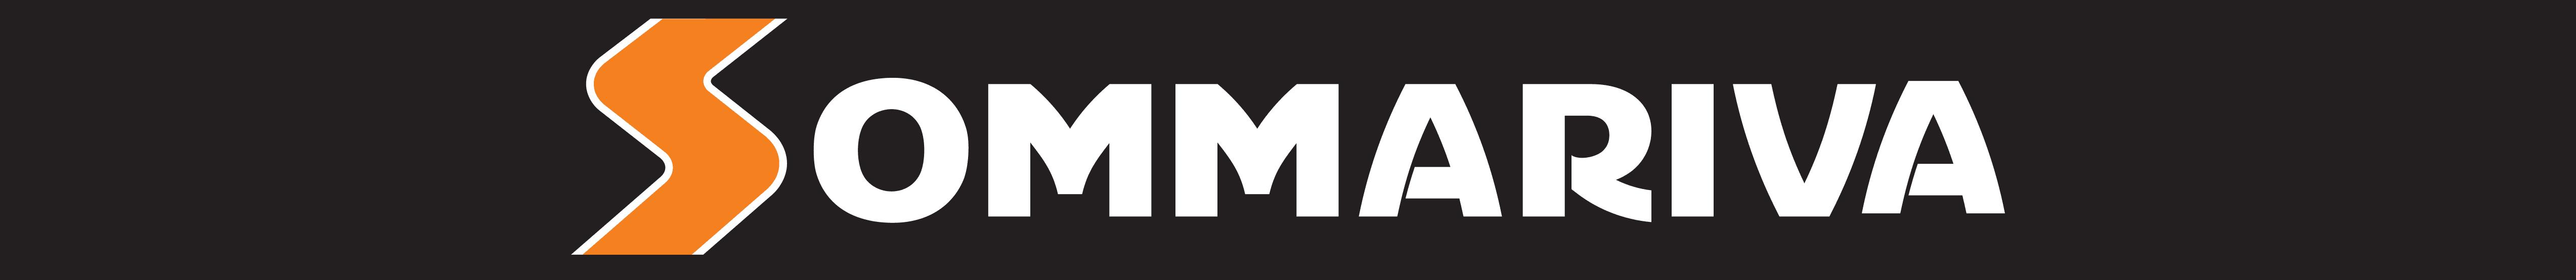 Sommariva - La Tua Immagine... Il Nostro Lavoro - Logo